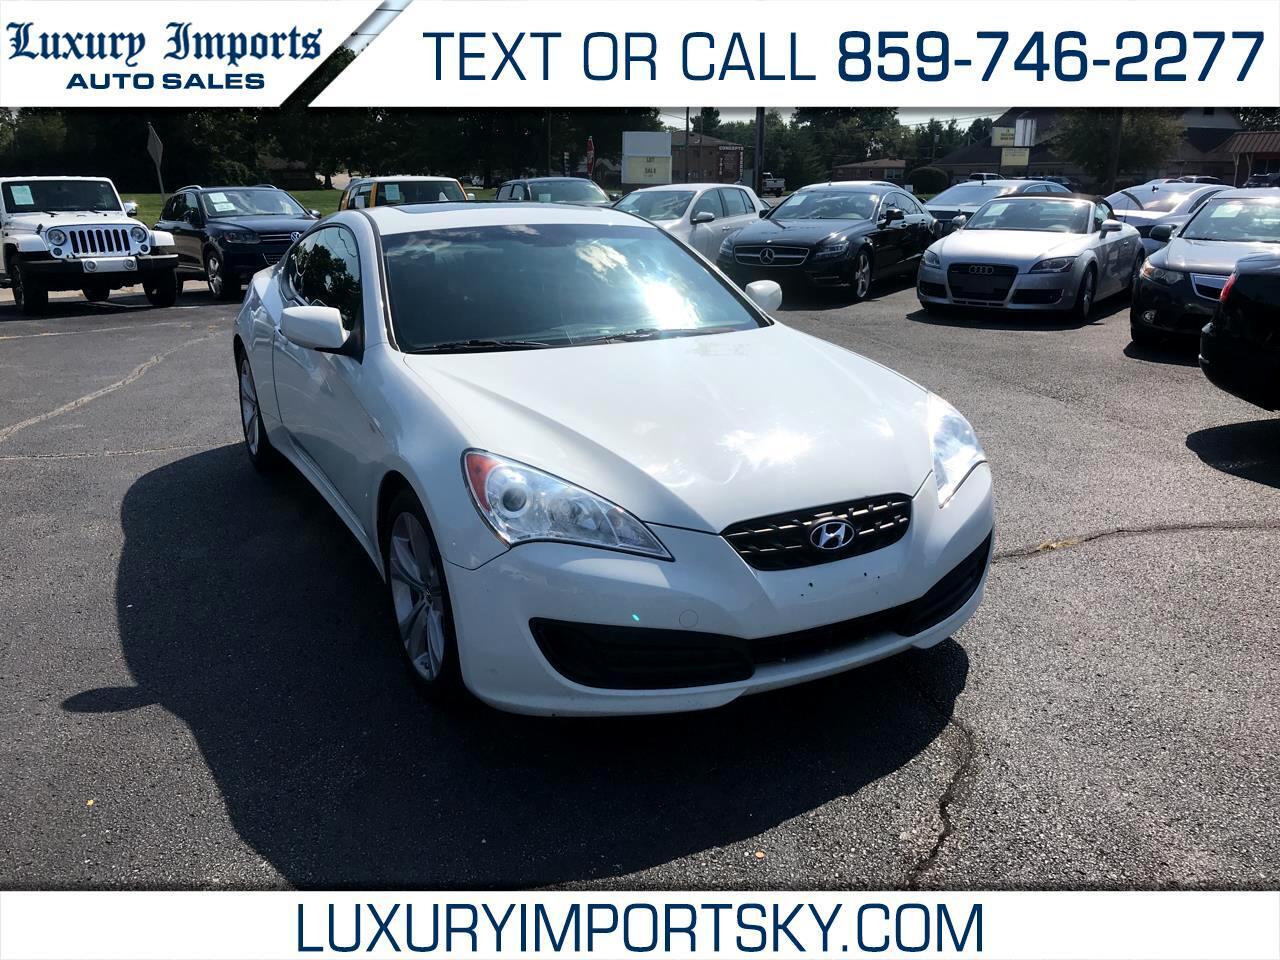 2012 Hyundai Genesis Coupe 2dr I4 2.0T Auto Premium